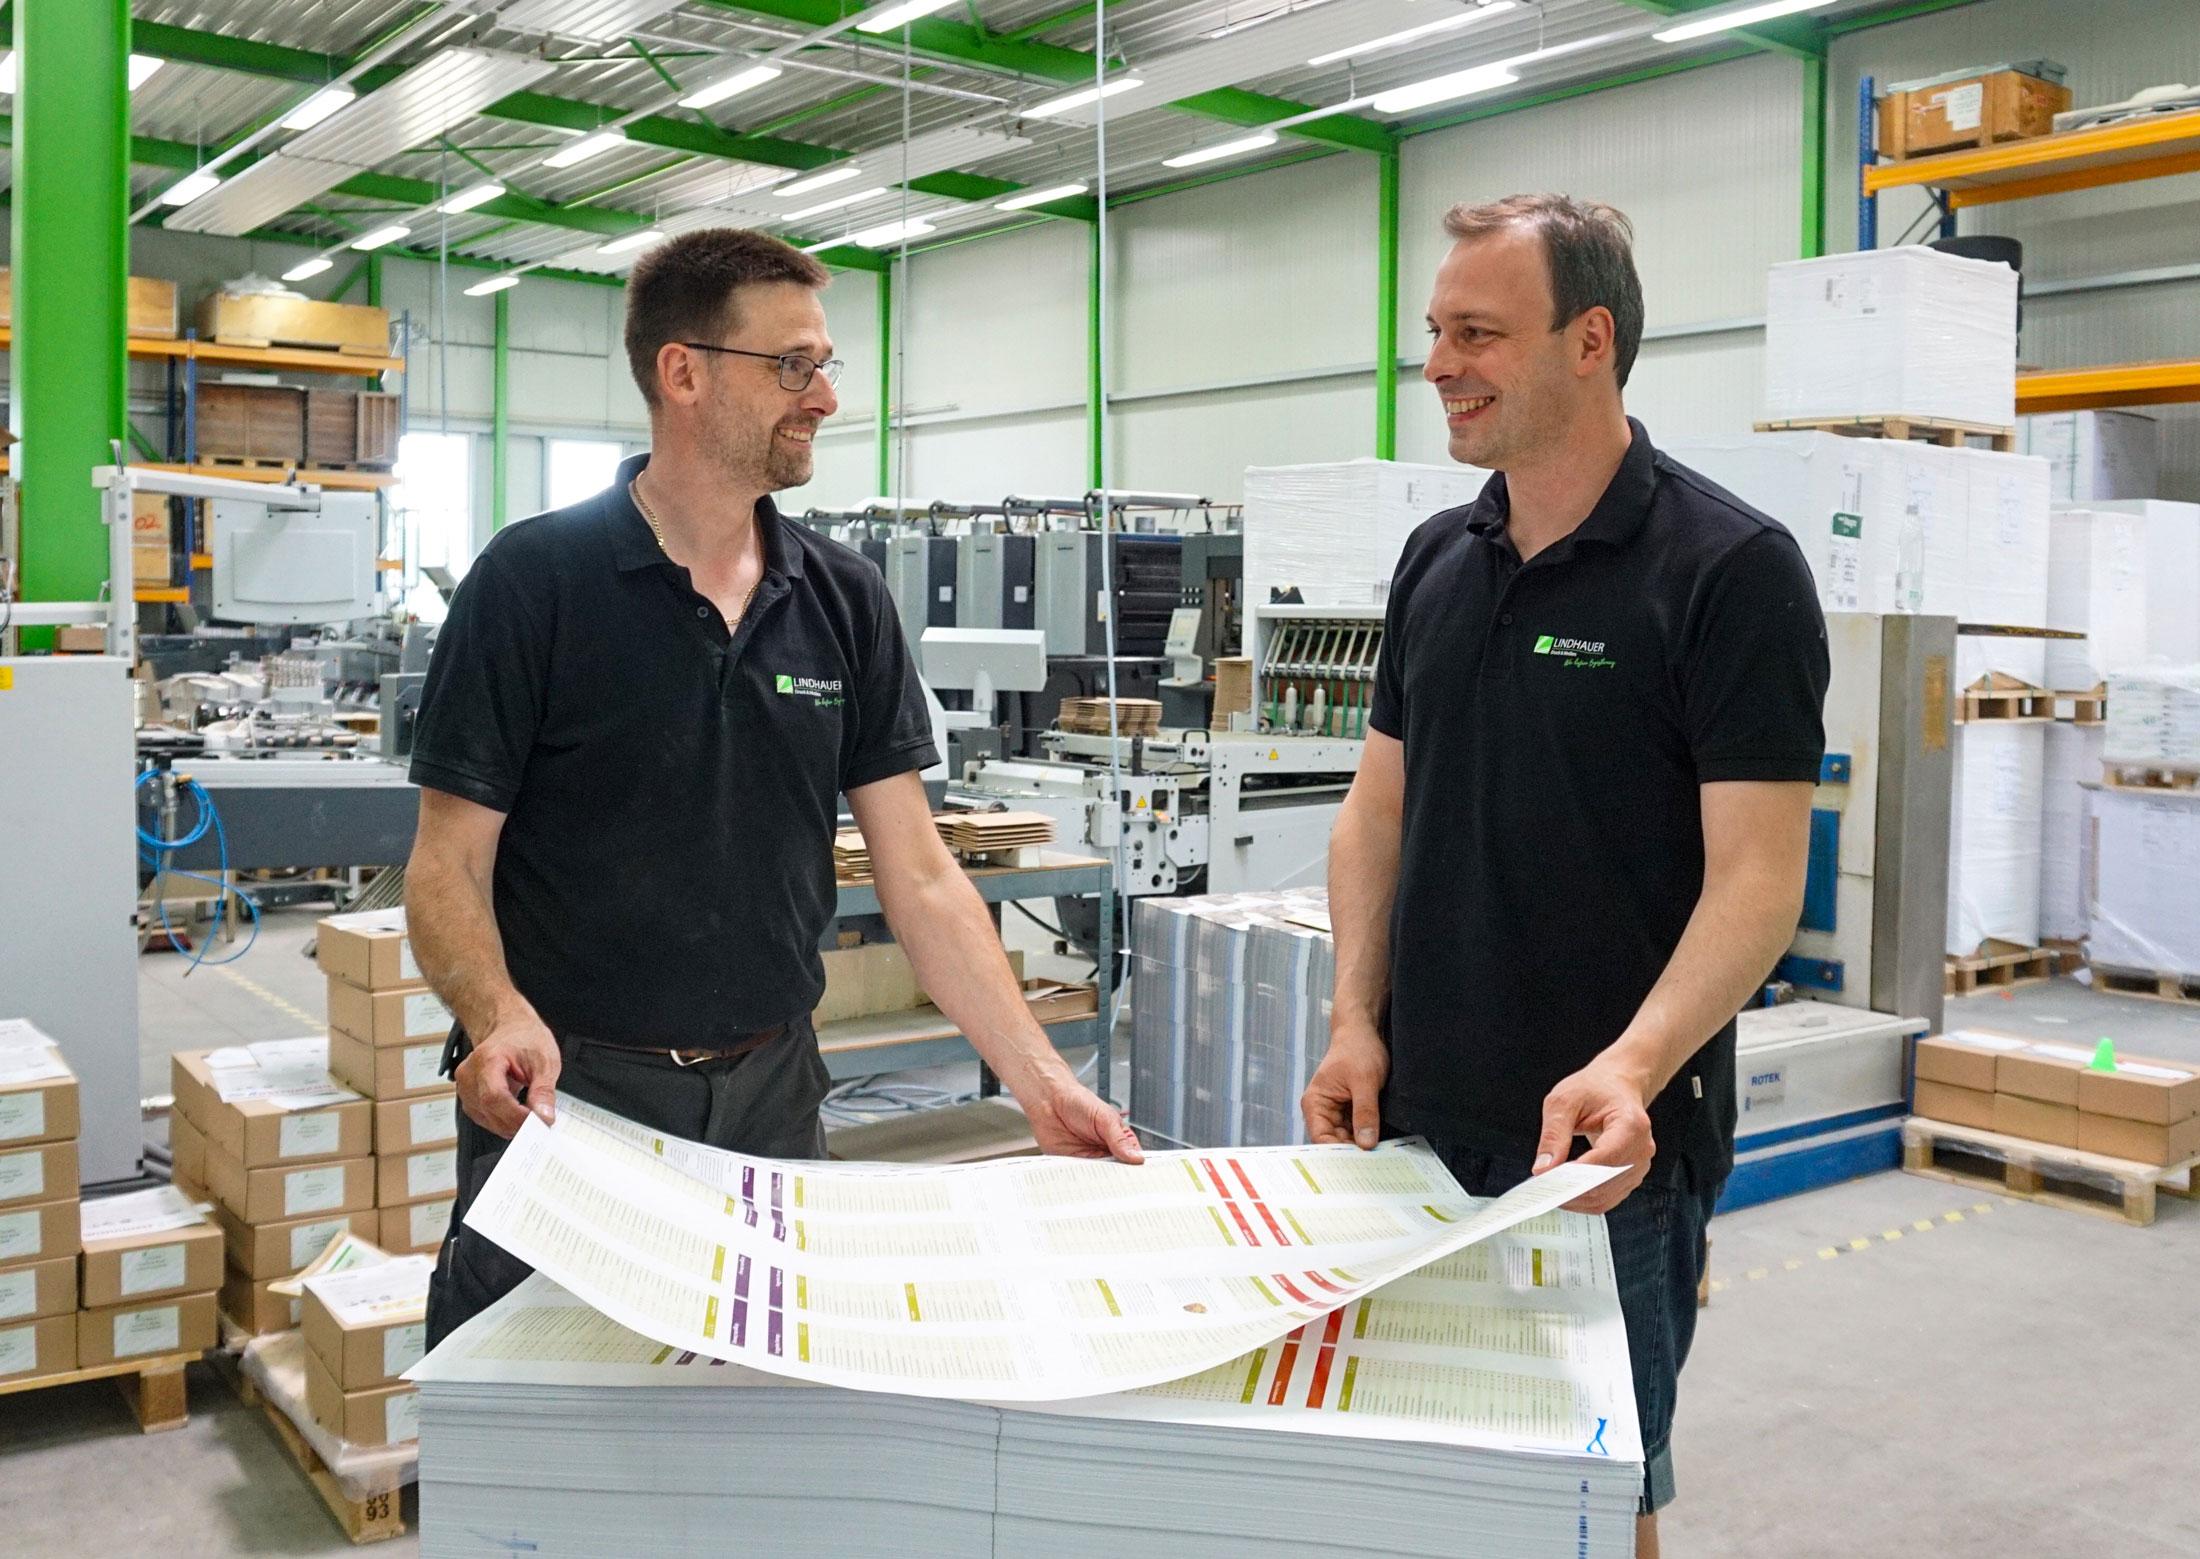 lindhauer_druck_medien_druckerei_paderborn_jobs_produktion_kontrolle_zoom_druckerei_paderborn